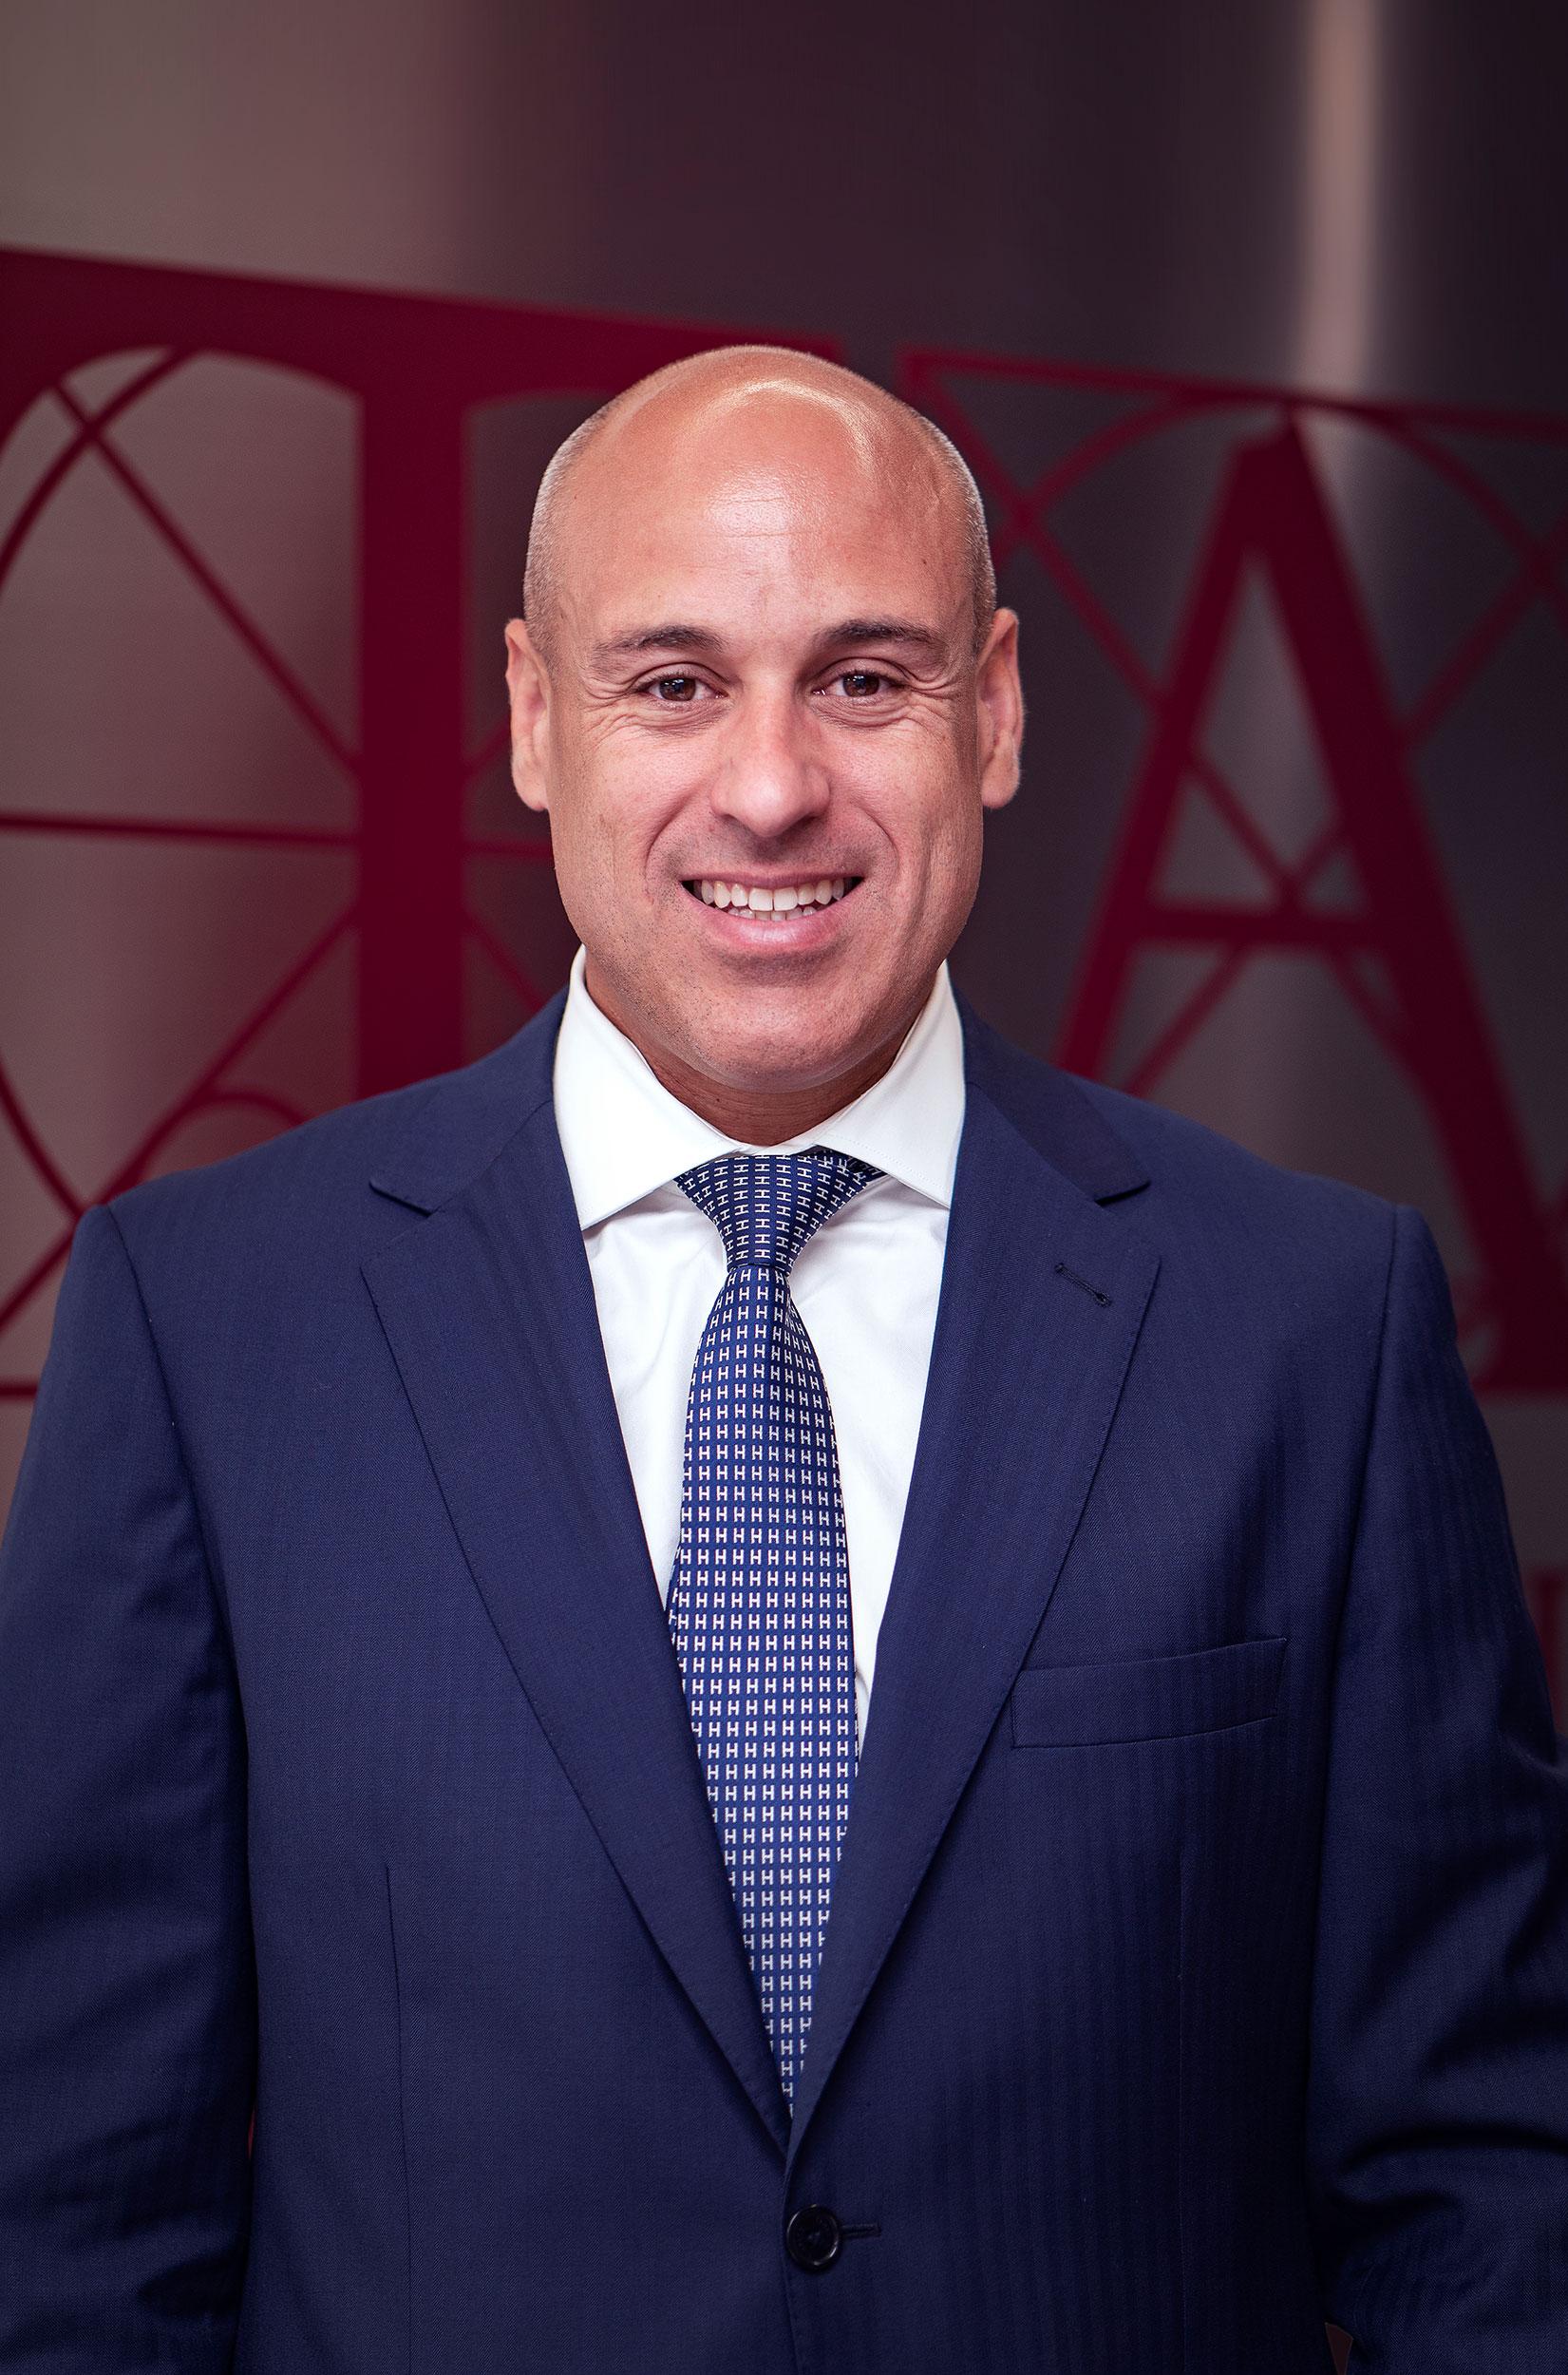 Rafael Martínez Medina